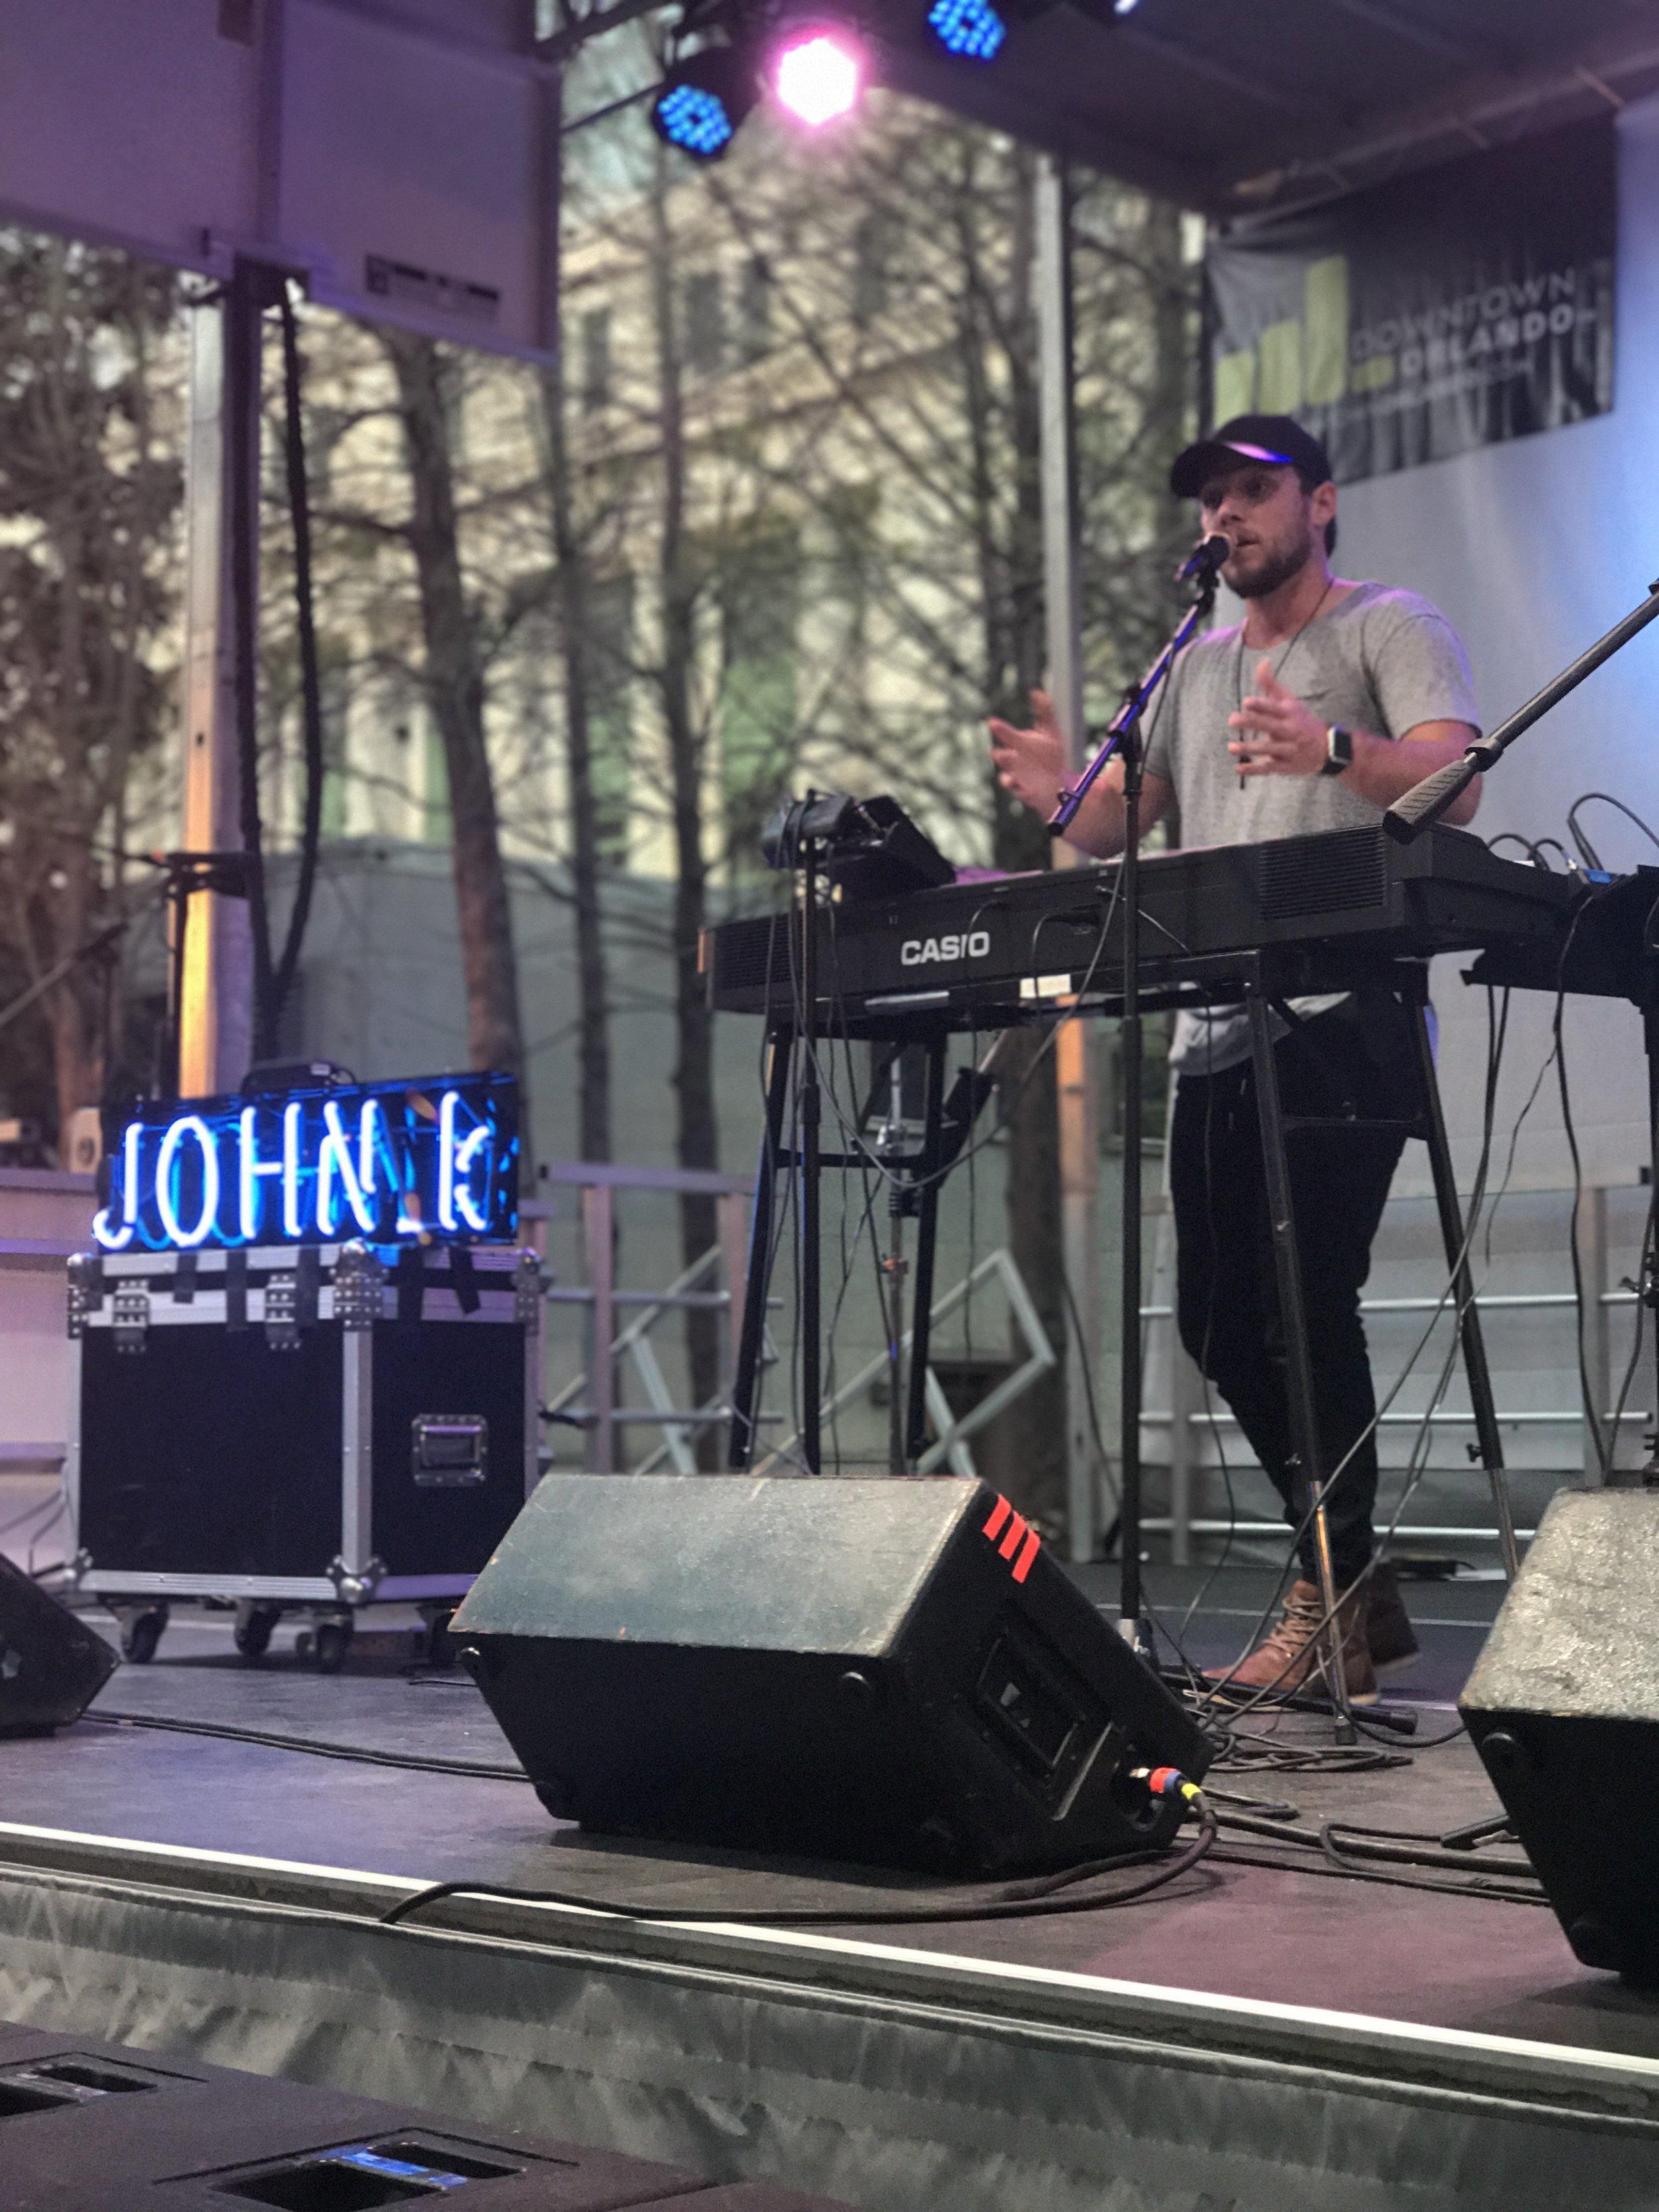 JOHN.k at FMF2017